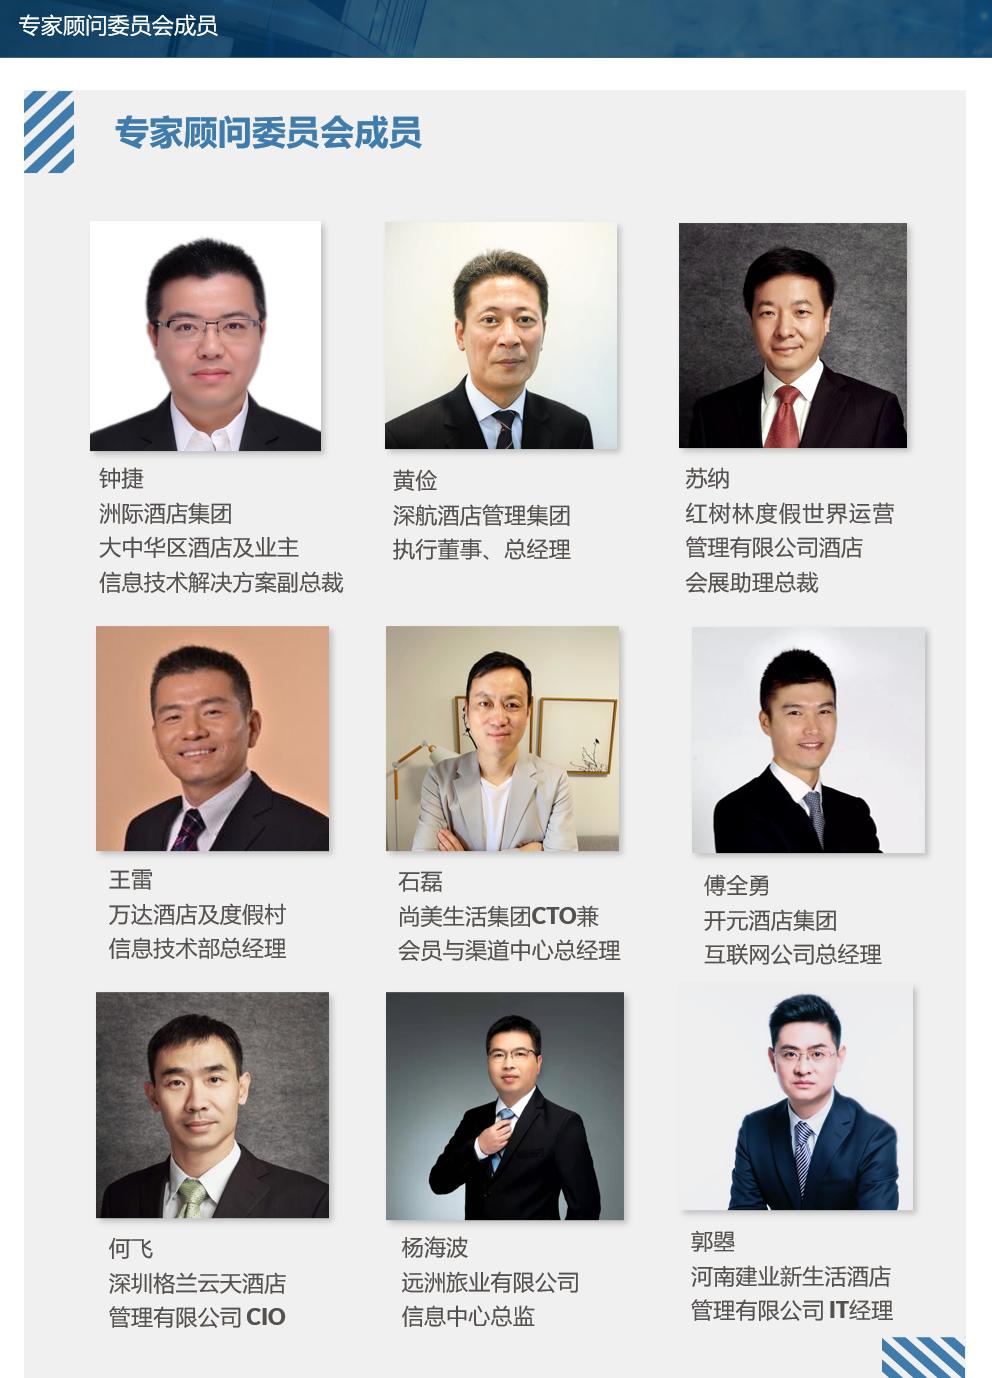 中国酒店数字化转型趋势报告专家顾问组成员